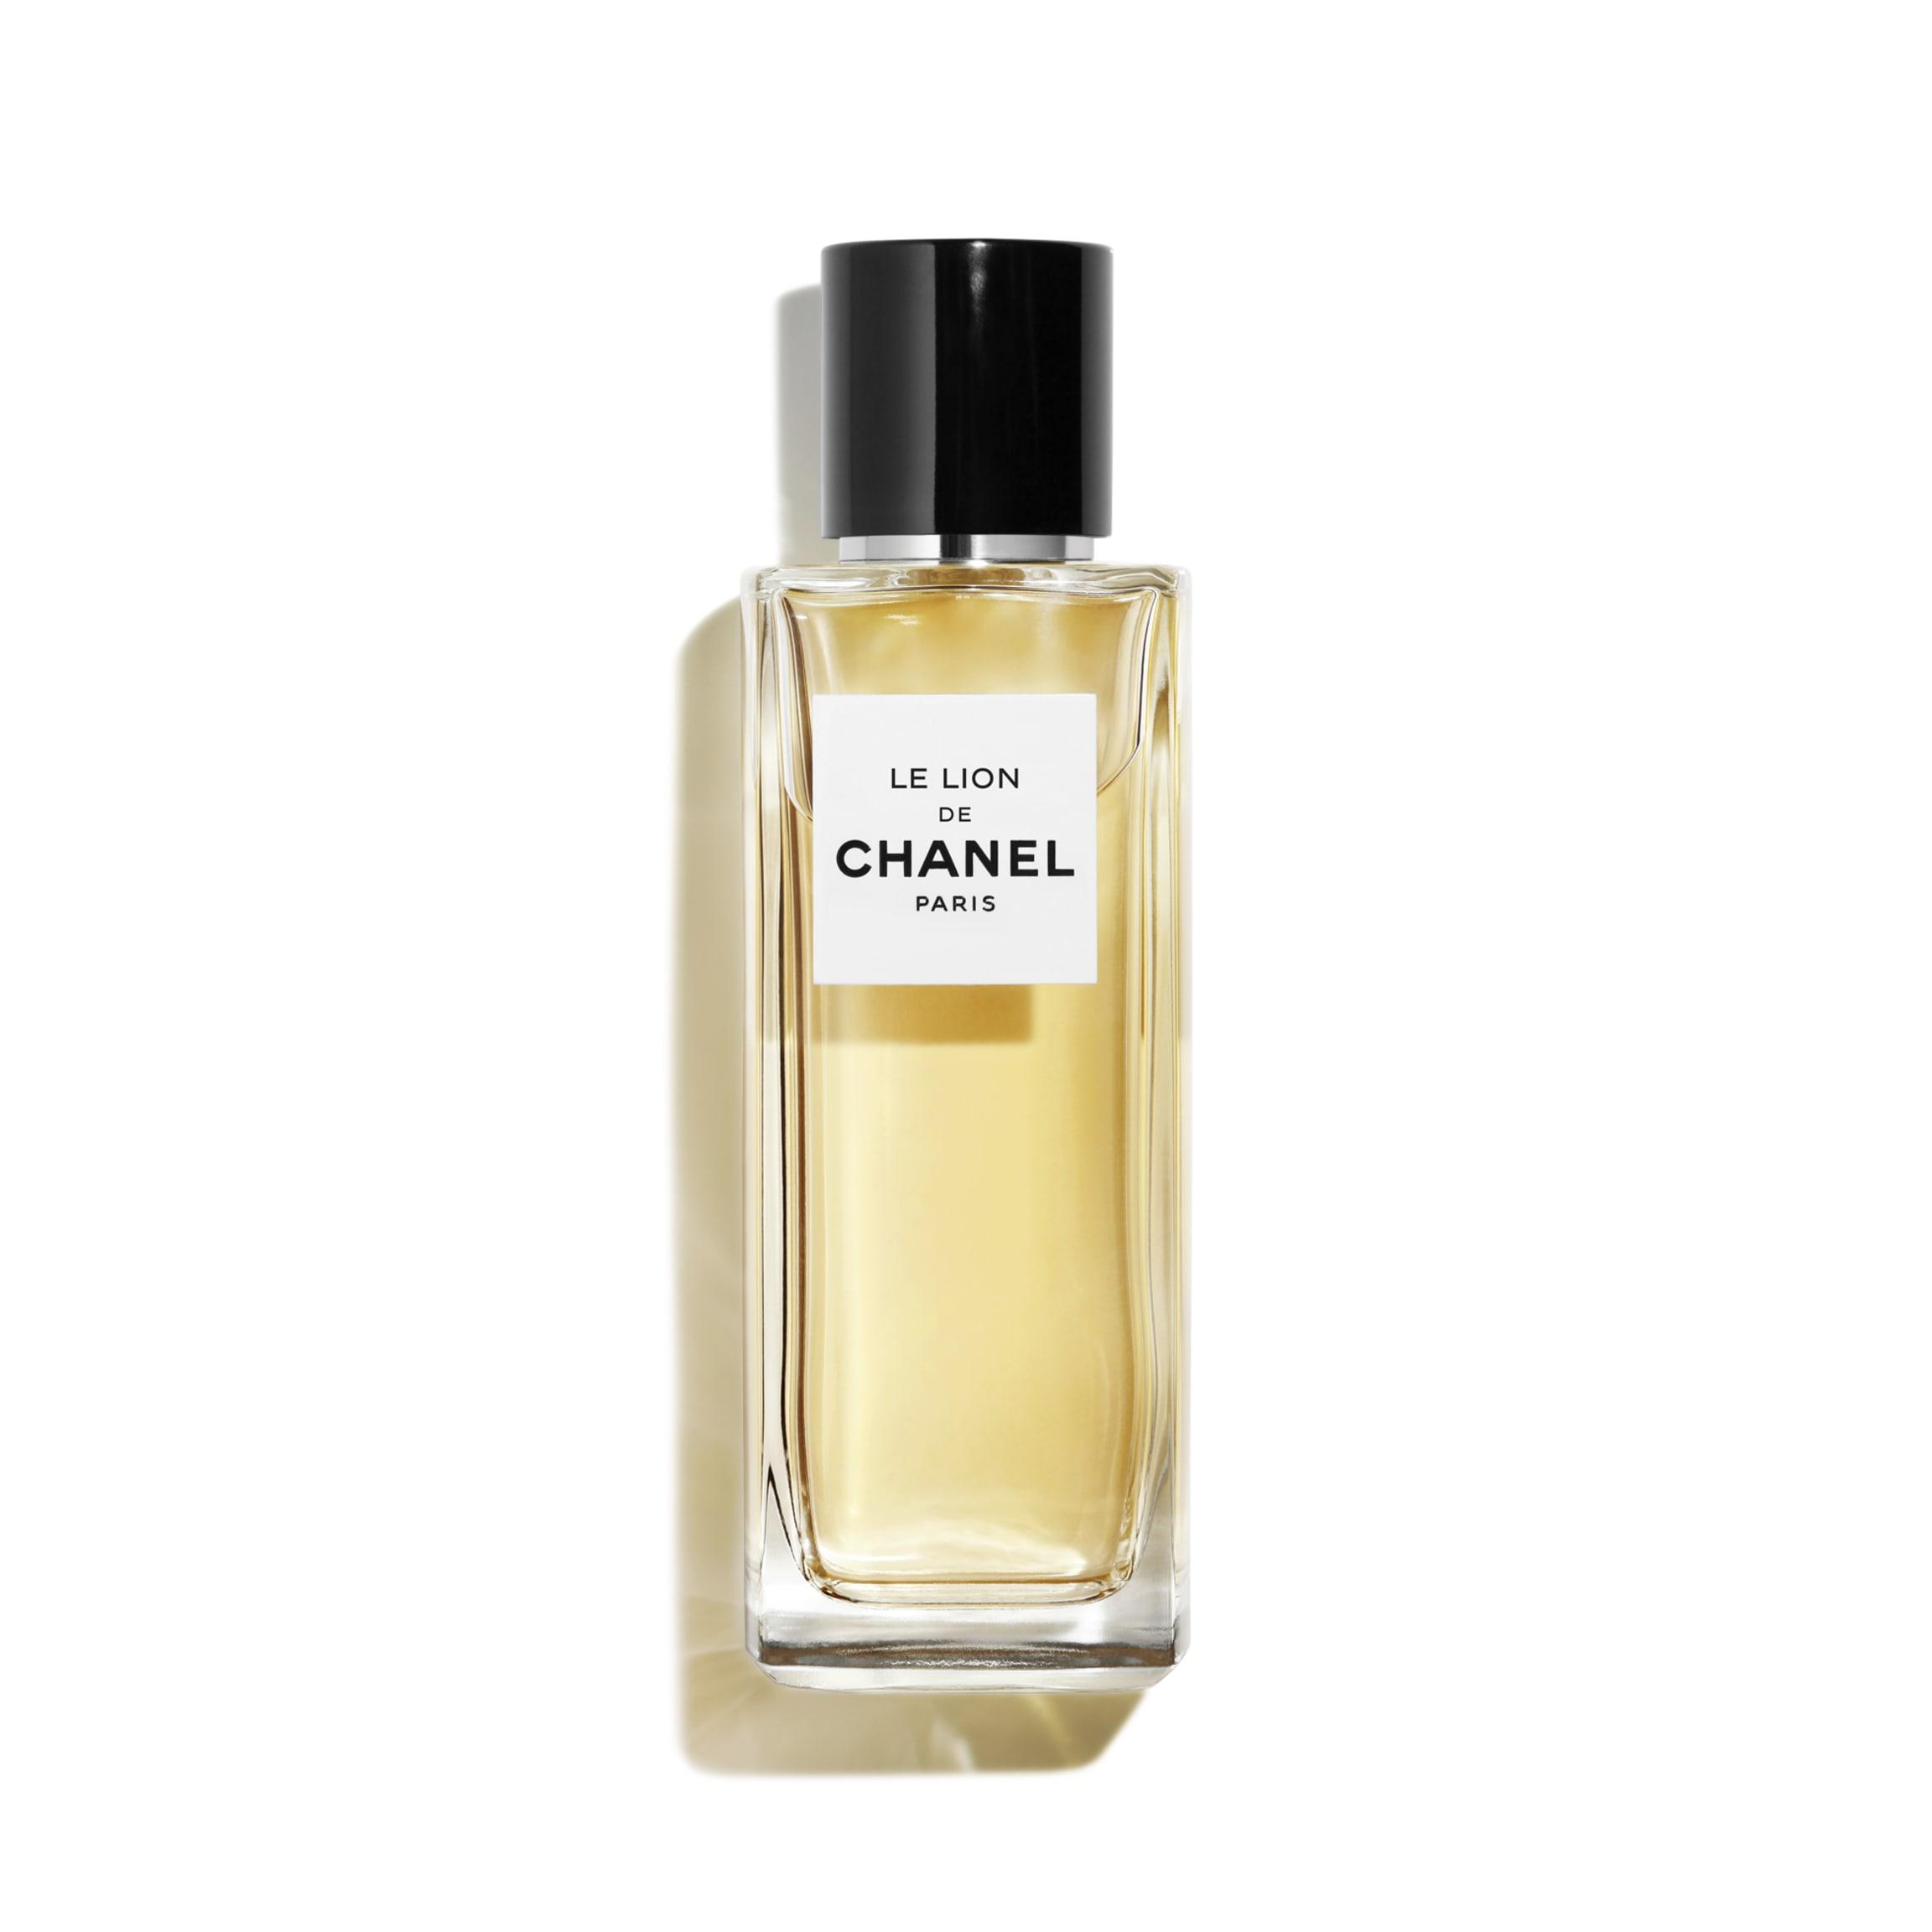 LE LION DE CHANEL - fragrance - 75ml - CHANEL - Immagine predefinita